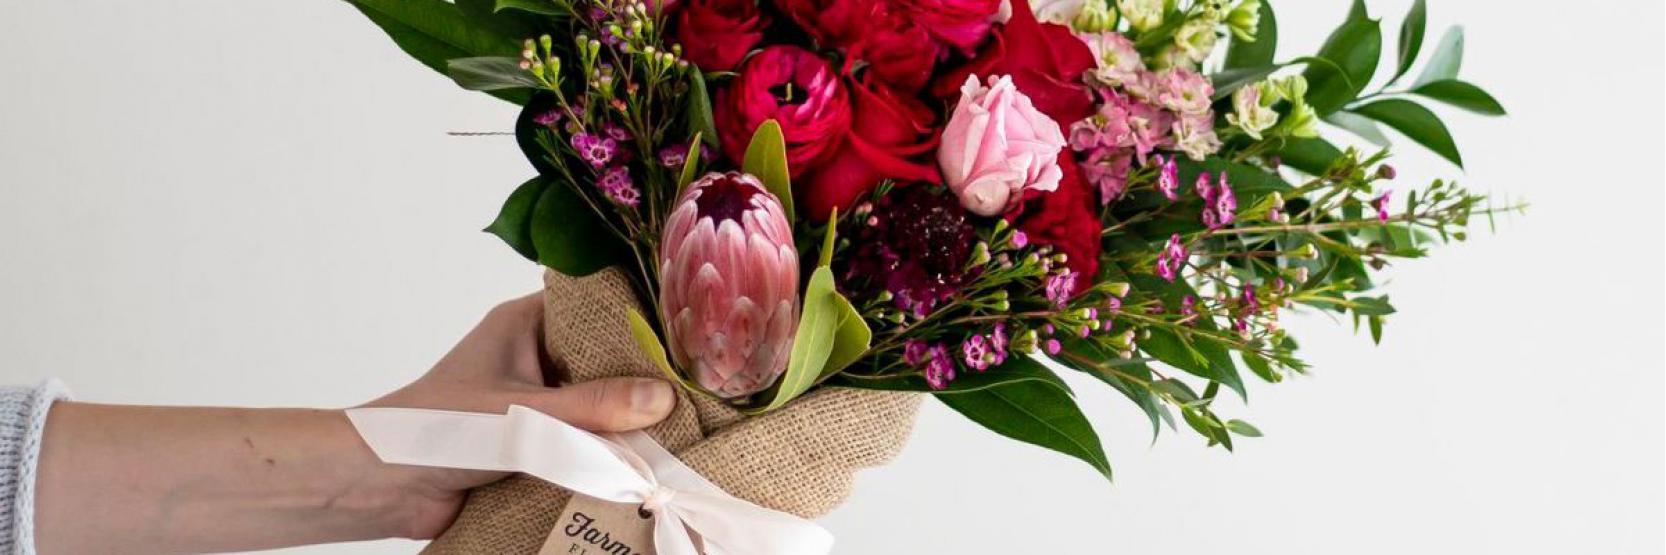 هدايا الورد..بسيطة بقيمة كبيرة